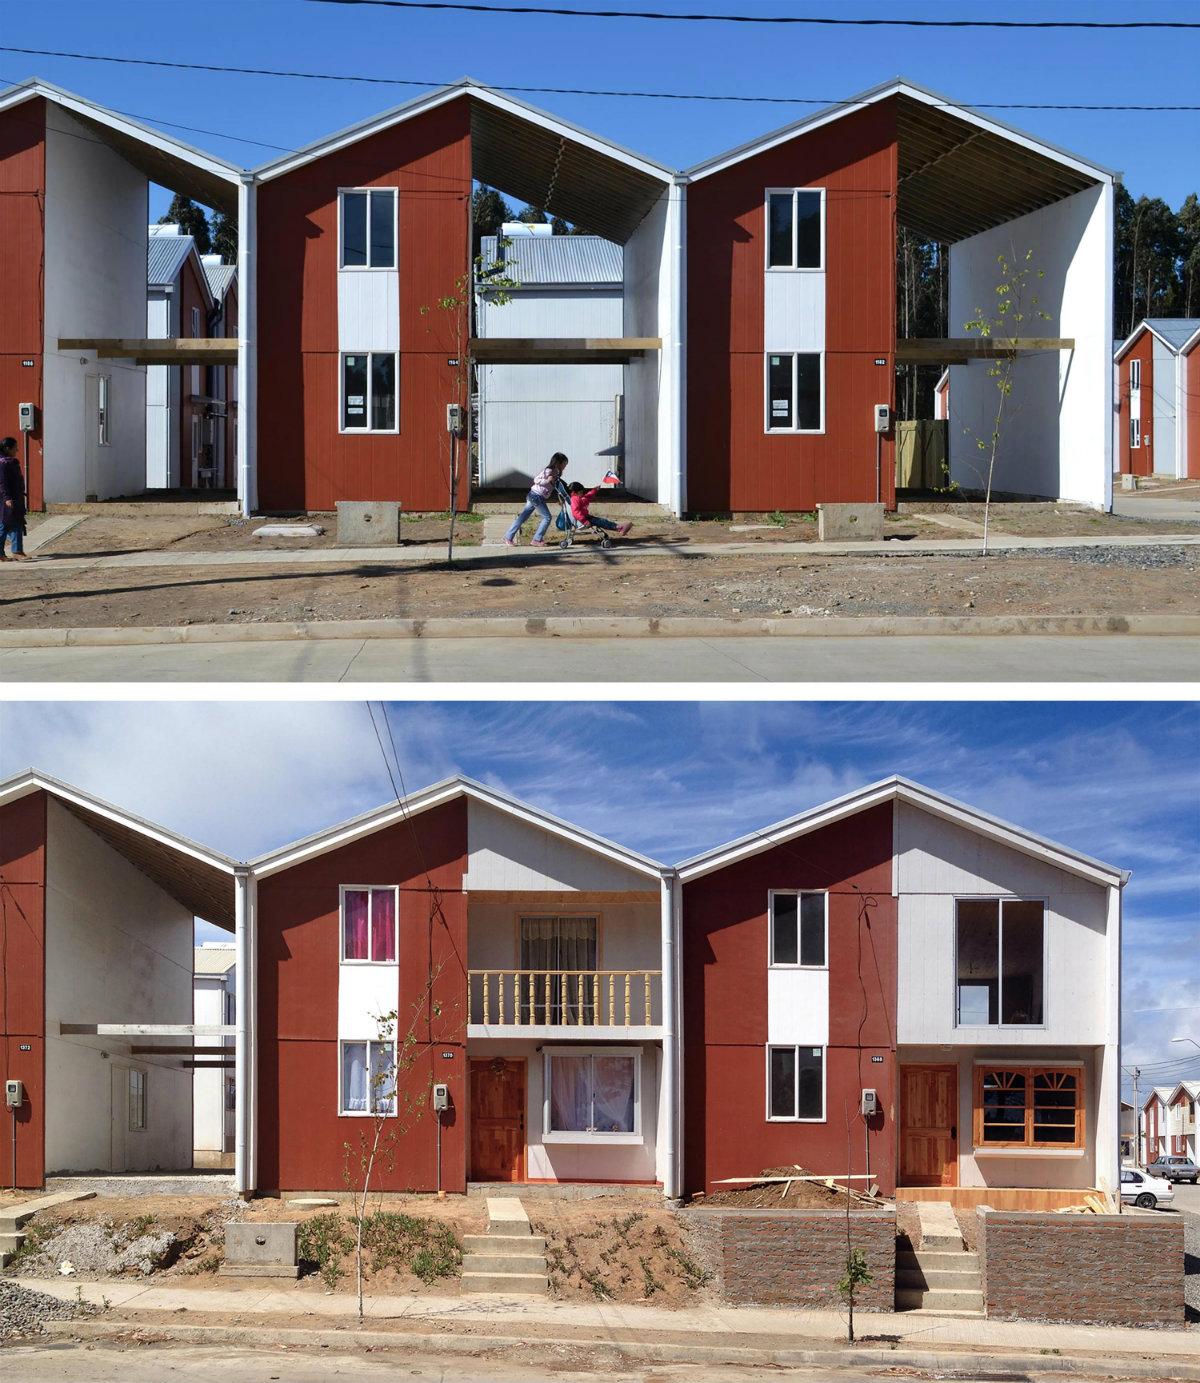 Viviendas Villa Verde (2013), Constitución, Chile. Arriba: 'Mitad de una buena casa' financiada con dinero público. Abajo: casa de clase media lograda por sus residentes. Fotografía: Elemental.